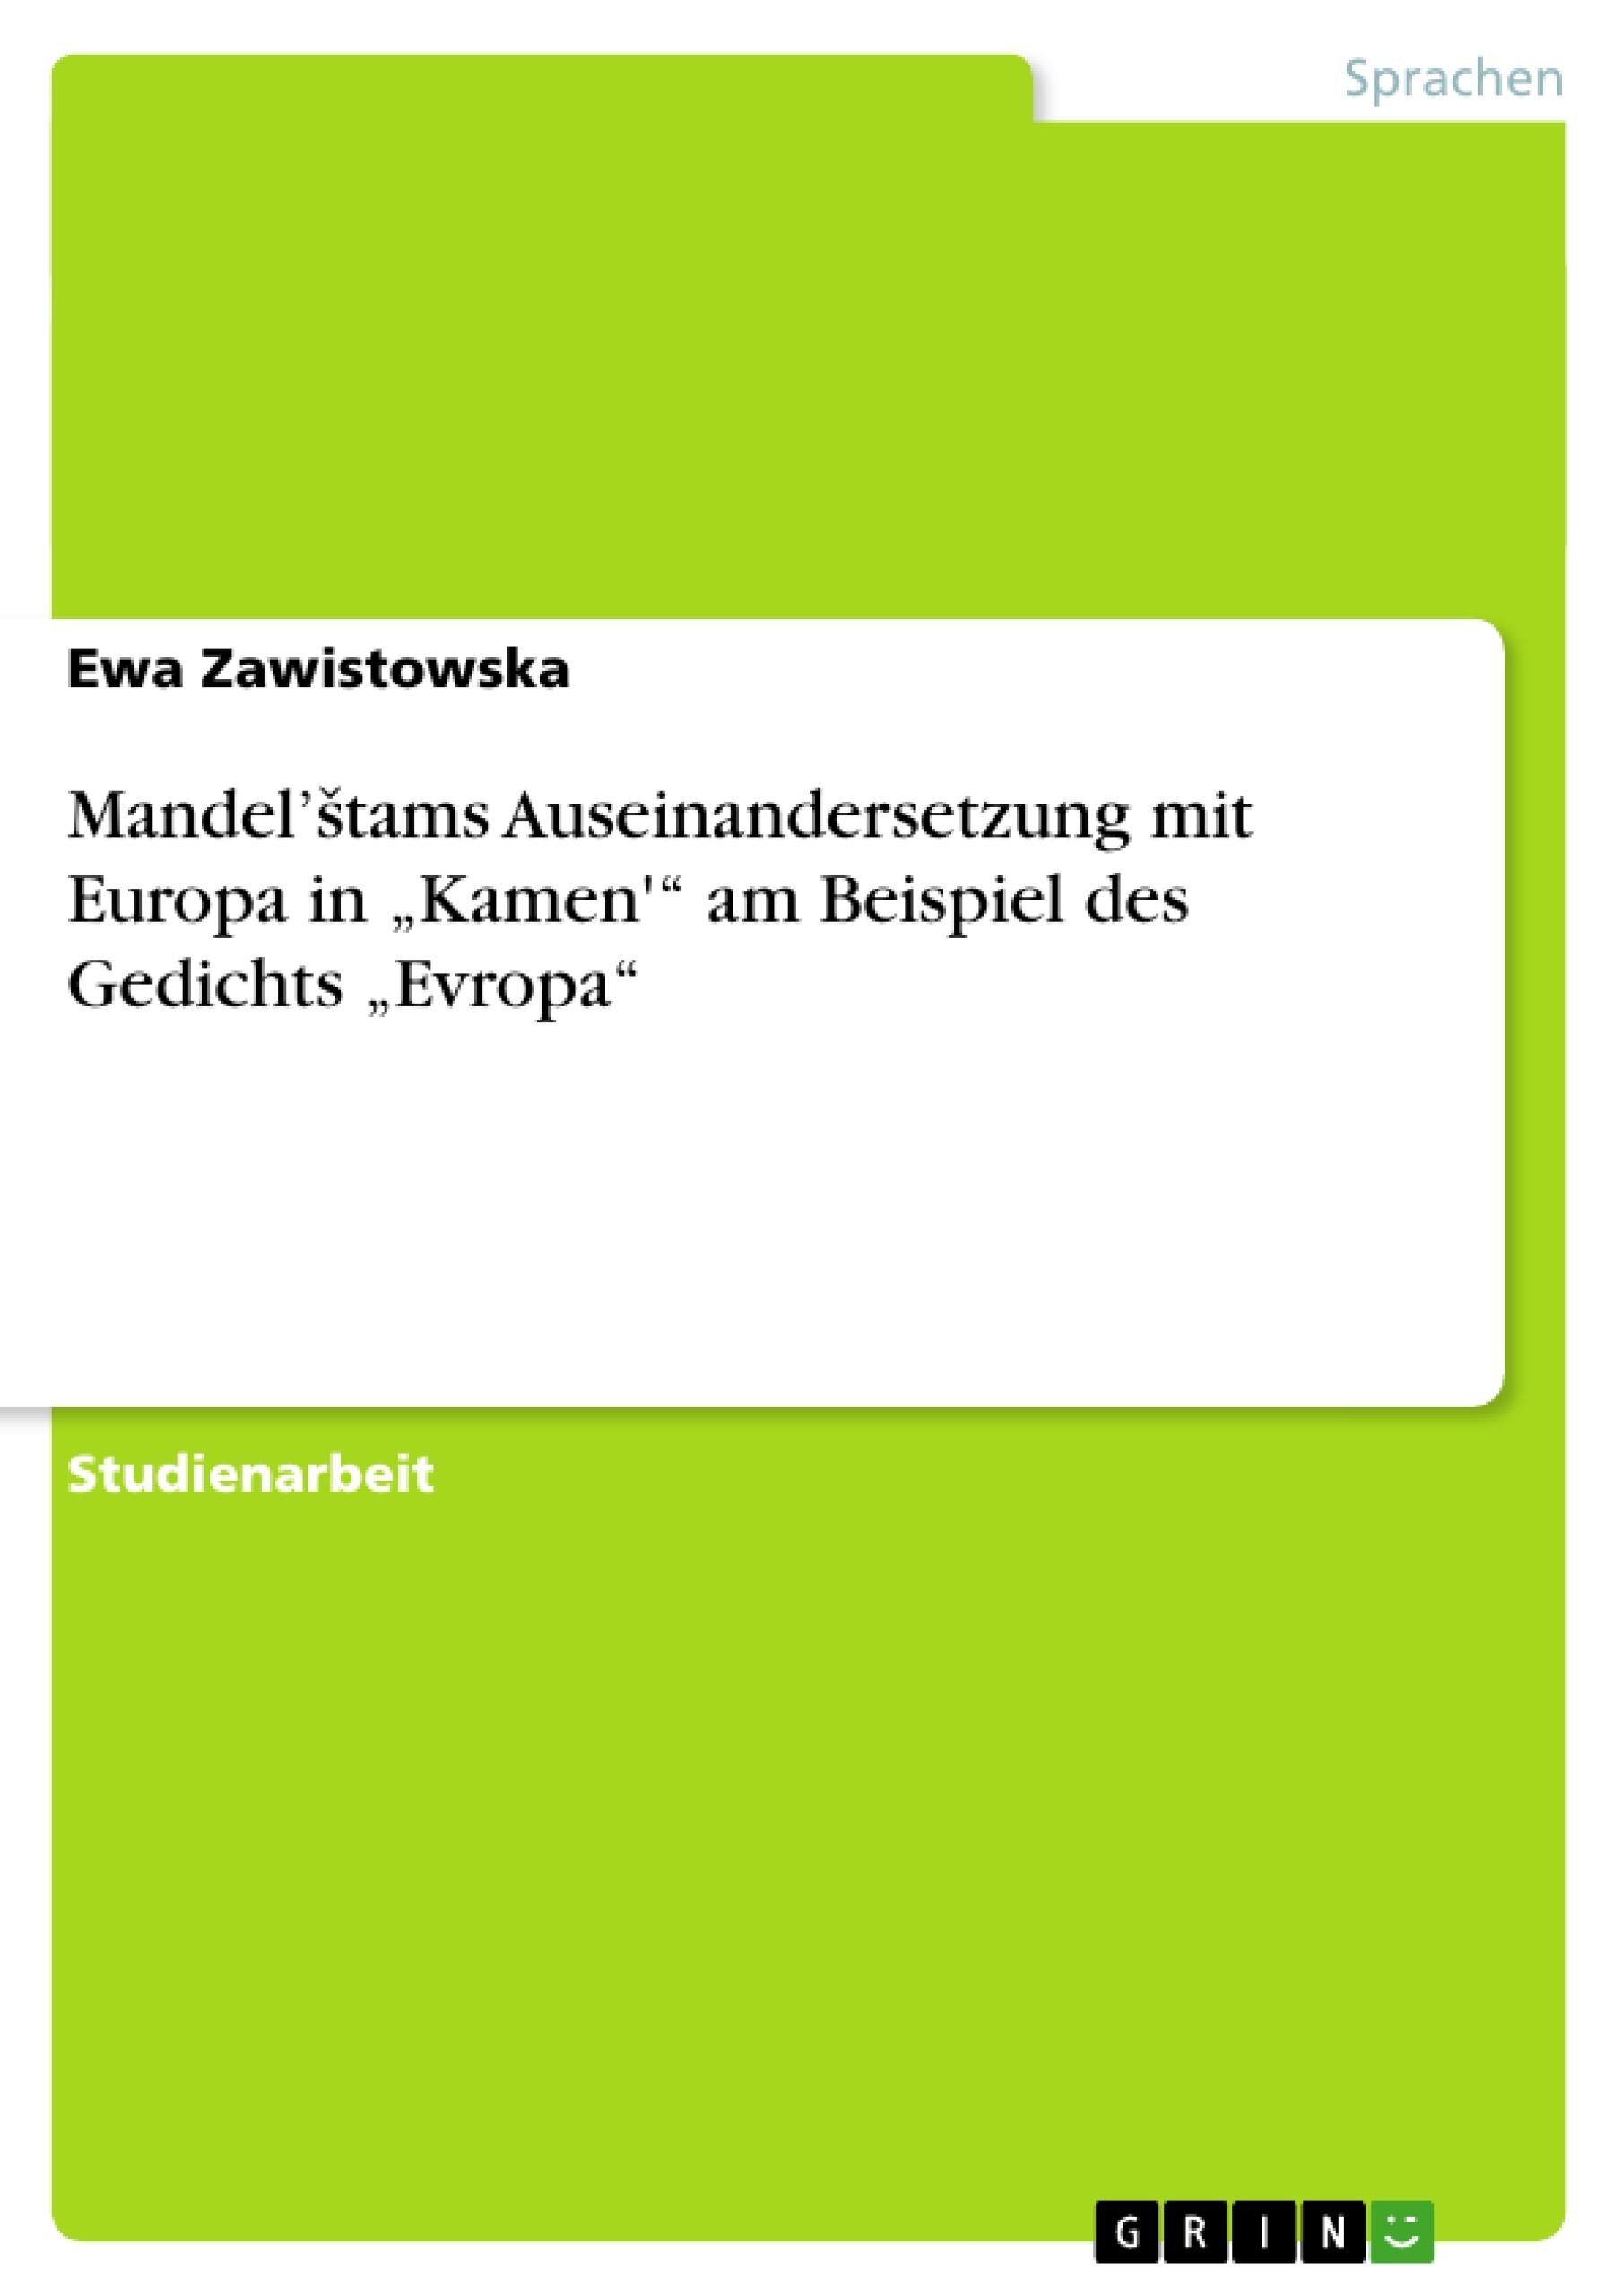 """Titel: Mandel'štams Auseinandersetzung mit Europa in """"Kamen'"""" am Beispiel des Gedichts """"Evropa"""""""